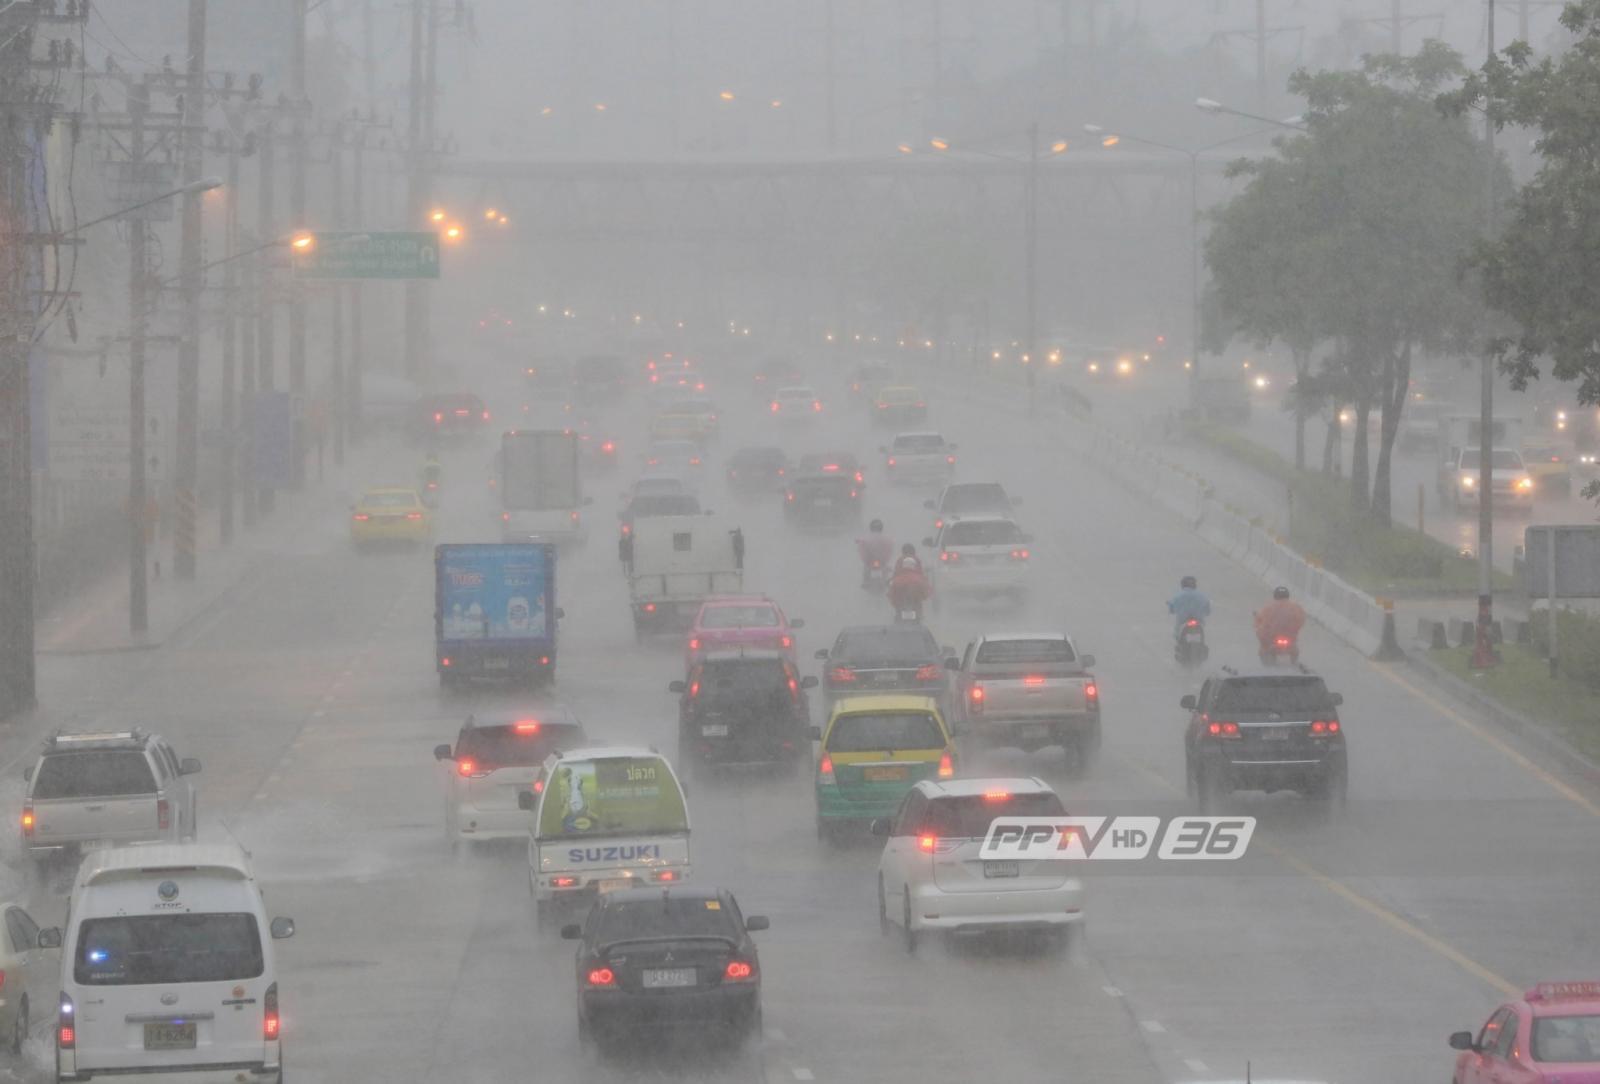 อุตุฯเผย9-13พ.ค.เตรียมรับมือฝนเพิ่มขึ้นหนักบางแห่ง